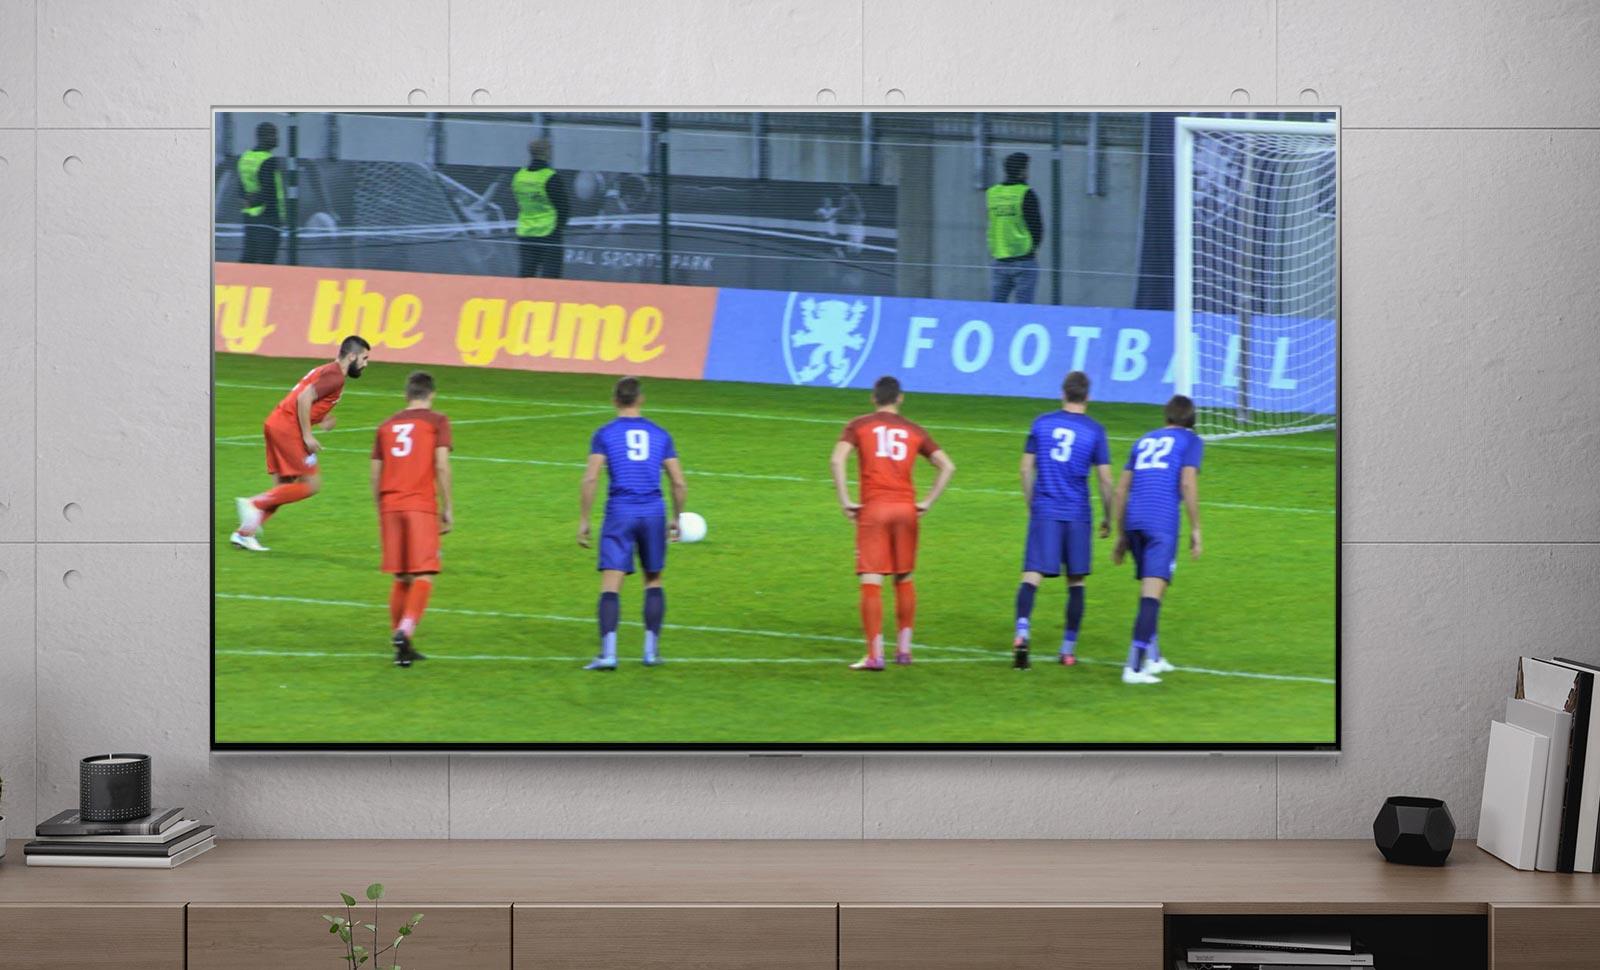 Een tv-scherm waarop football-spelers te zien zijn (speel de video af).